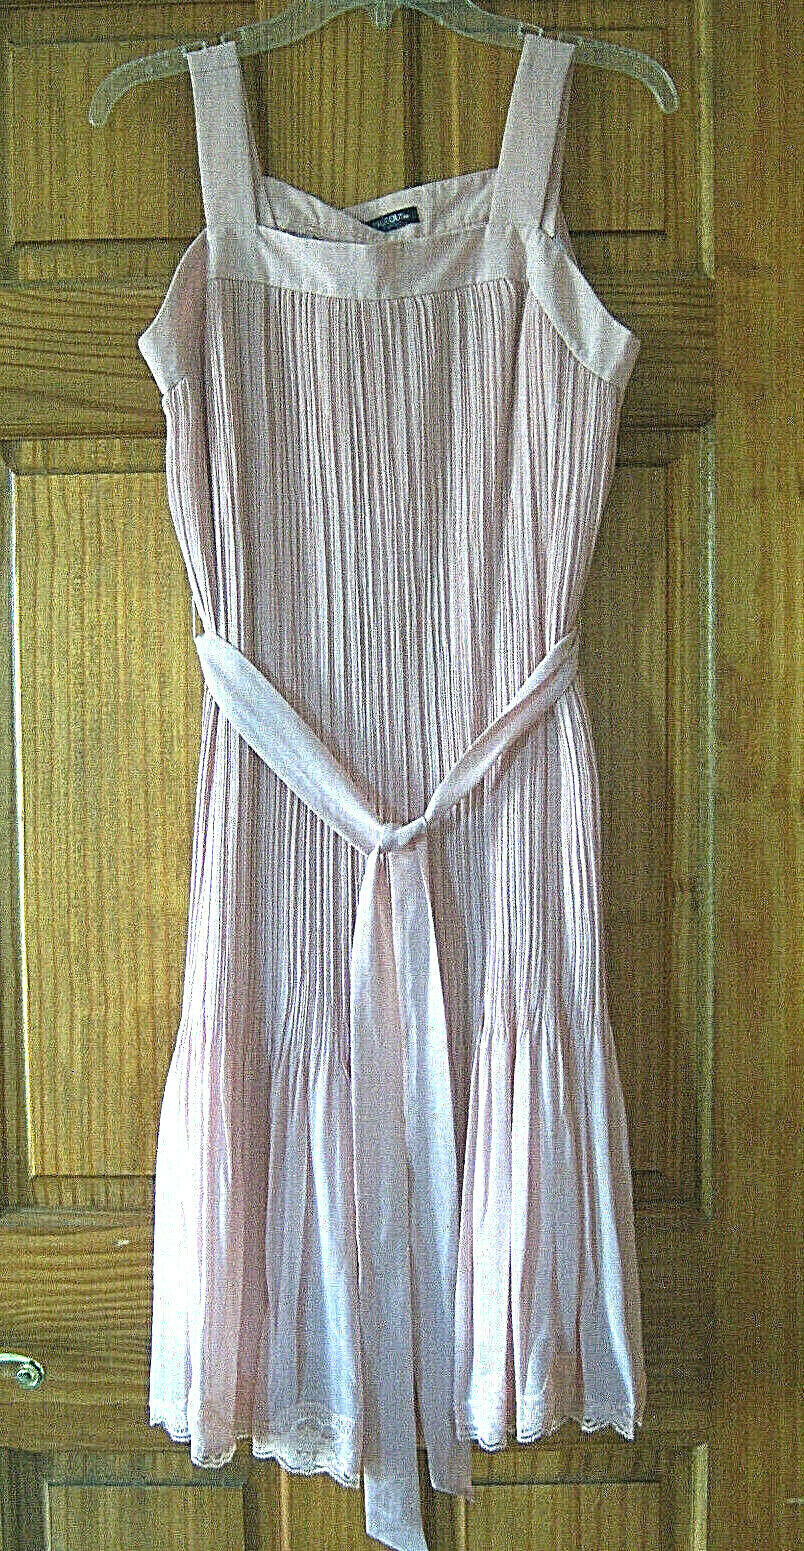 Women's fancy chiffon dress size L dusty rose pink - image 2